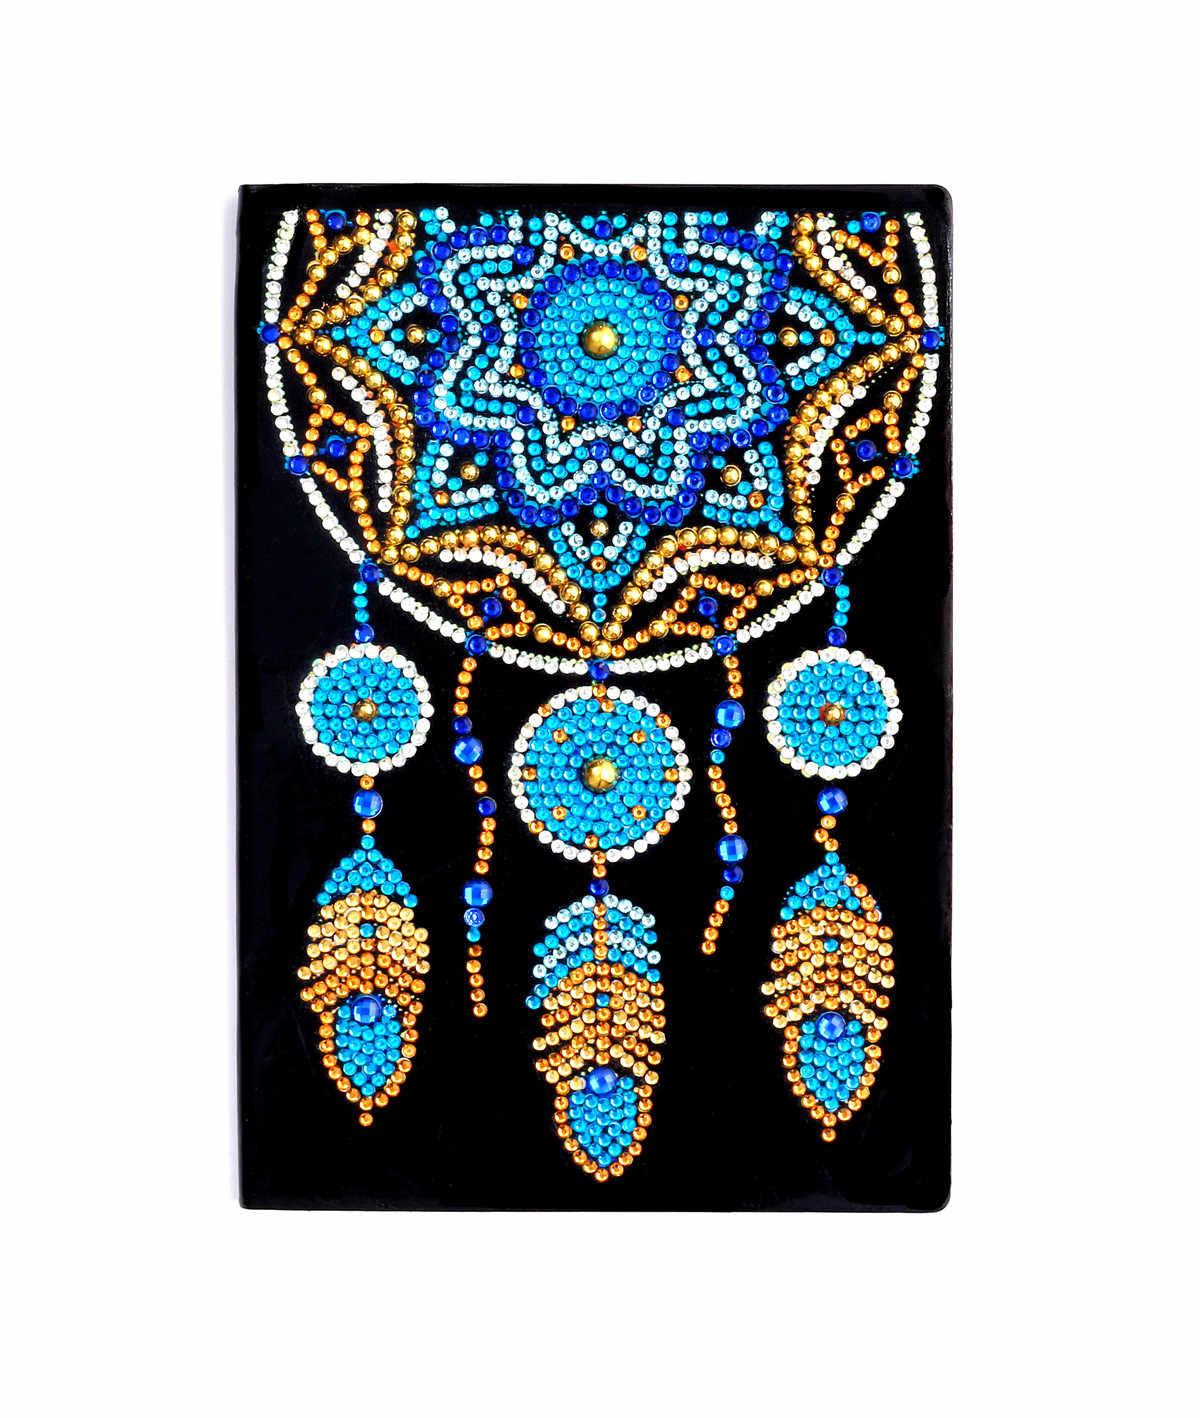 5d Pittura Diamante Speciale del Diario del Taccuino Libro A Forma di Nuovi Arrivi di Diamante Del Ricamo di Vendita A5 Mosaico Regalo Foto